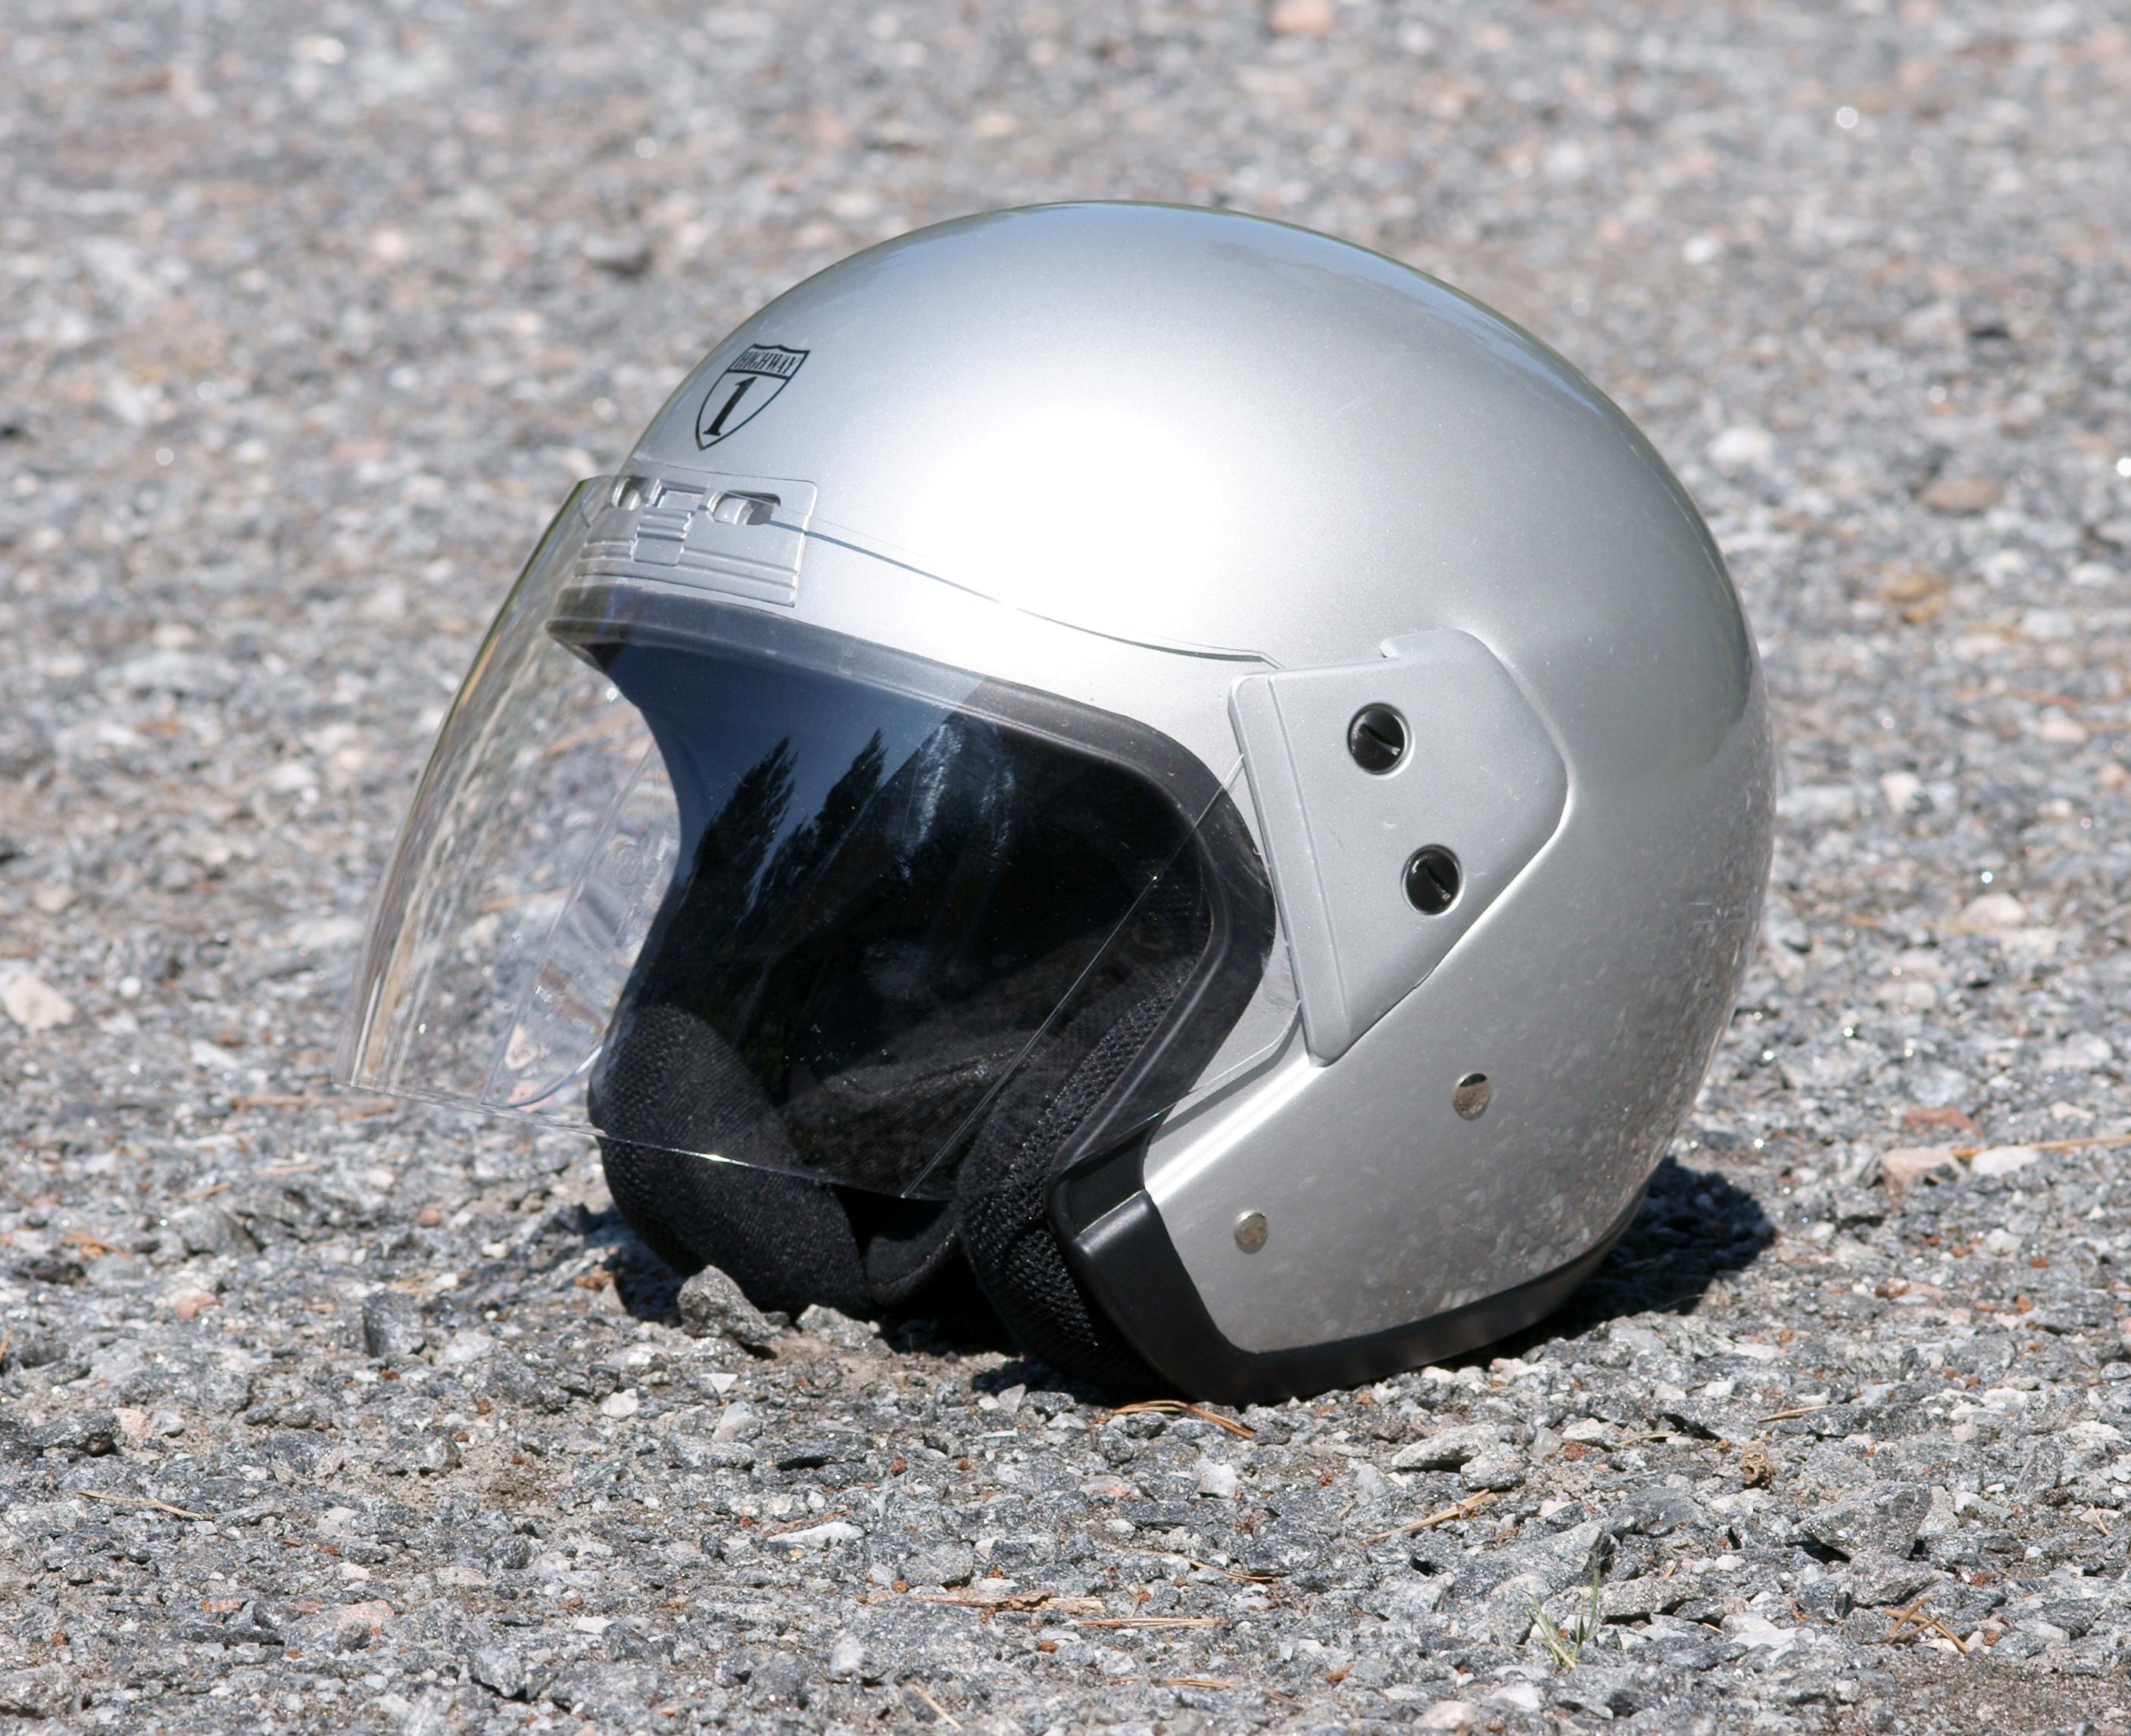 File:Open-face helmet kallerna.JPG - Wikimedia Commons